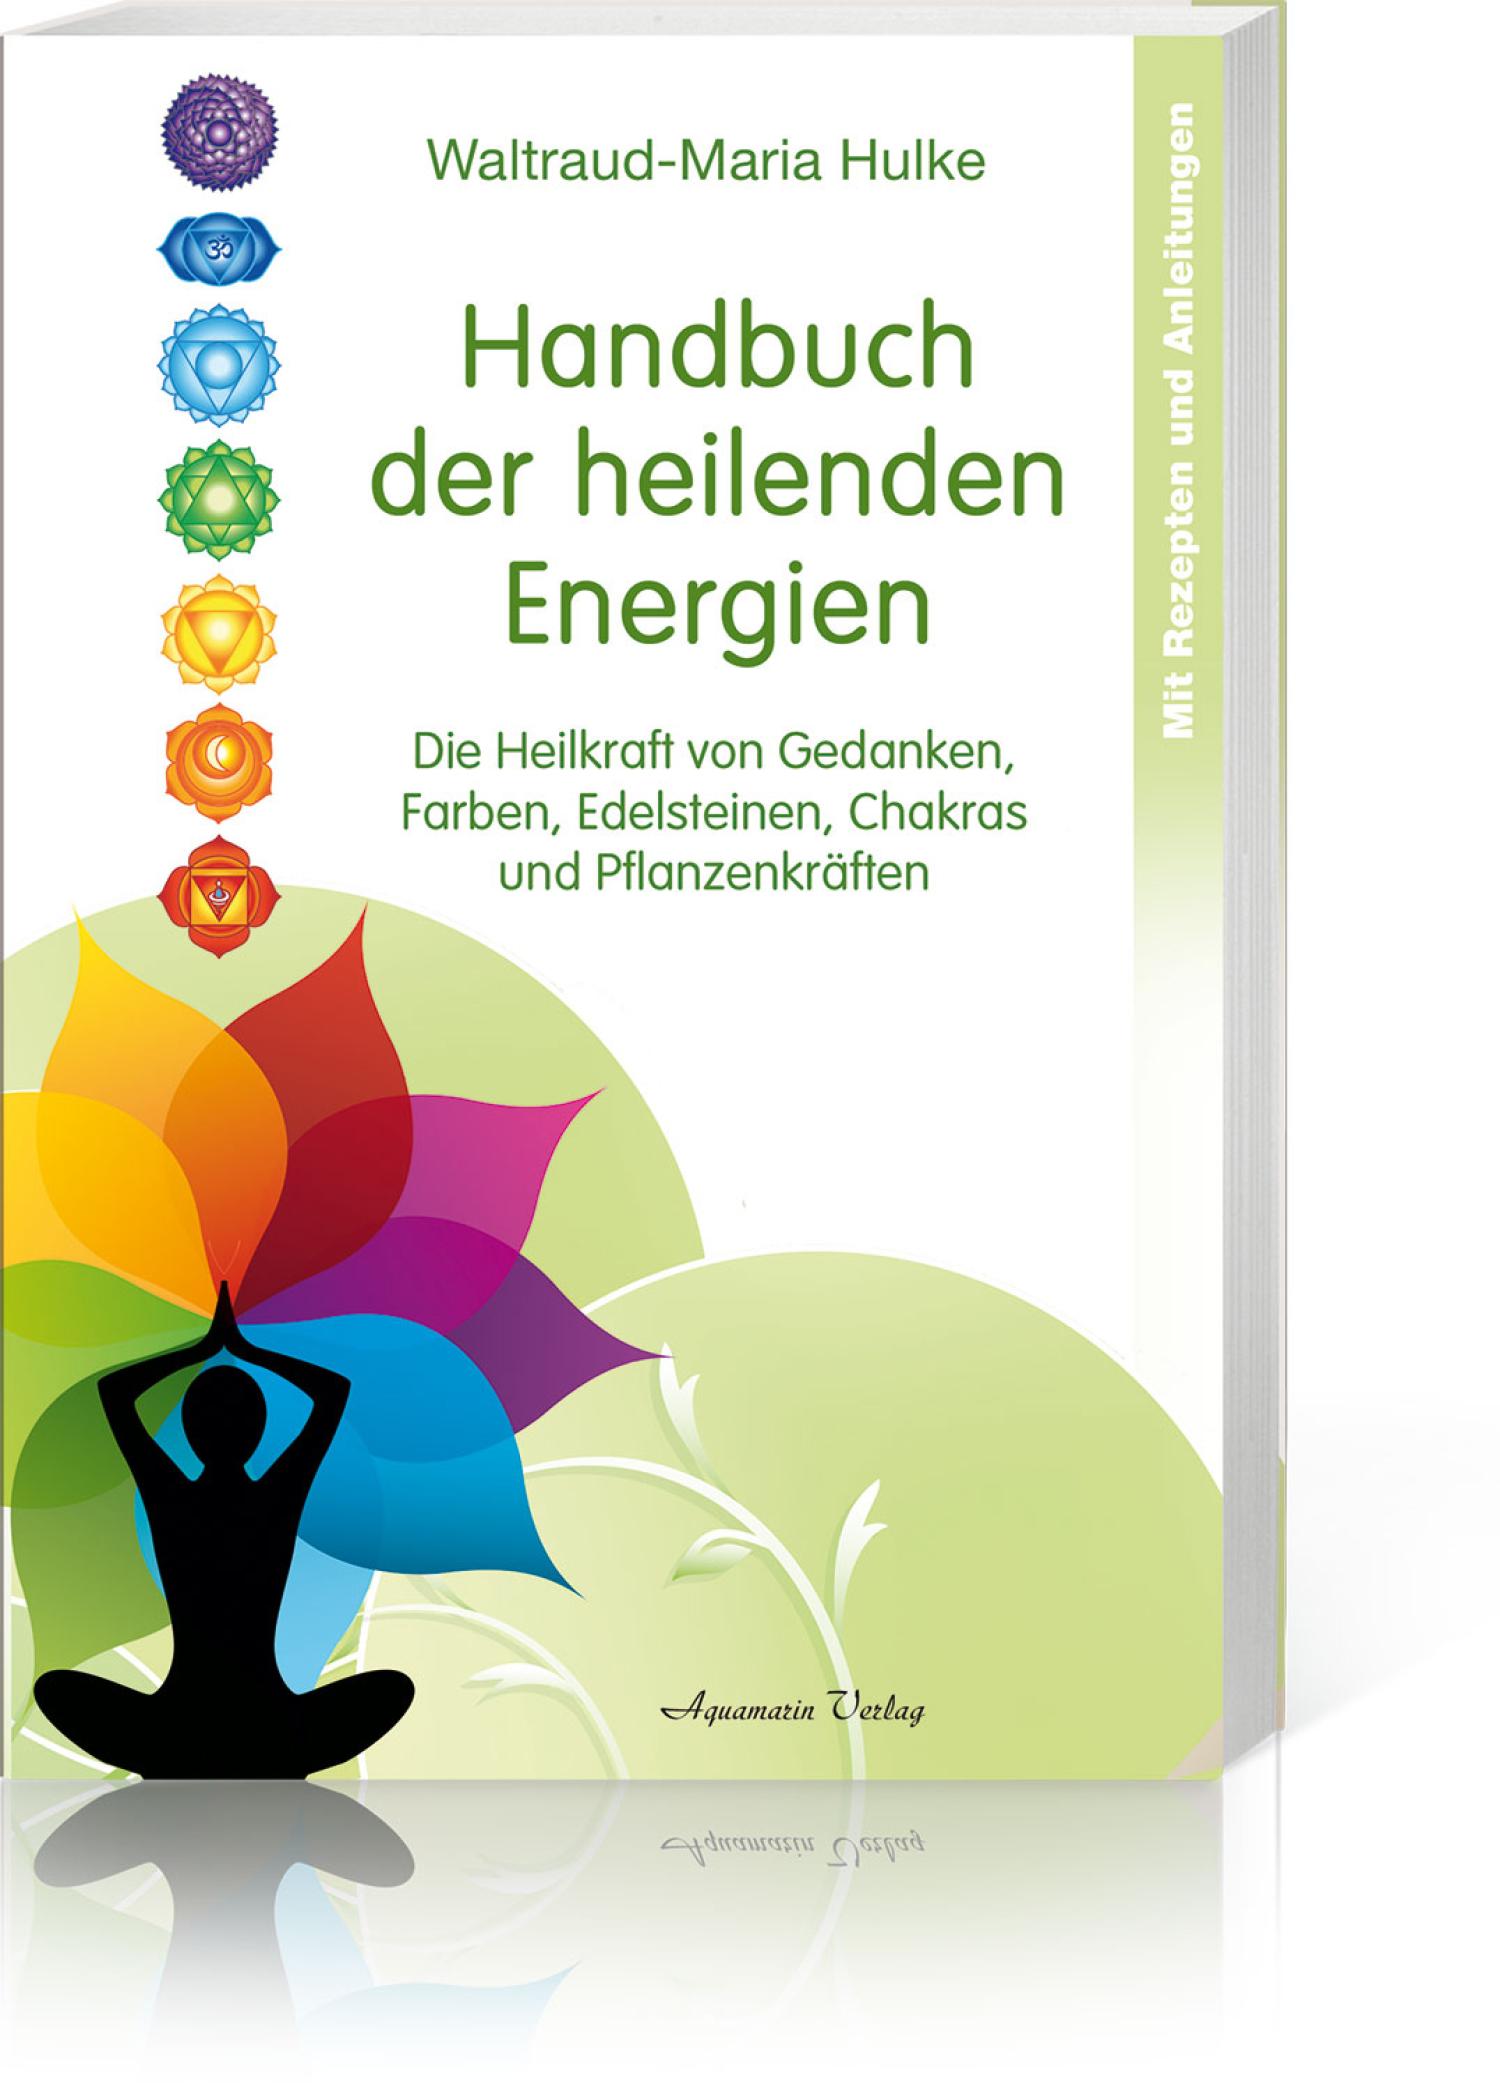 Handbuch der heilenden Energien, Produktbild 1